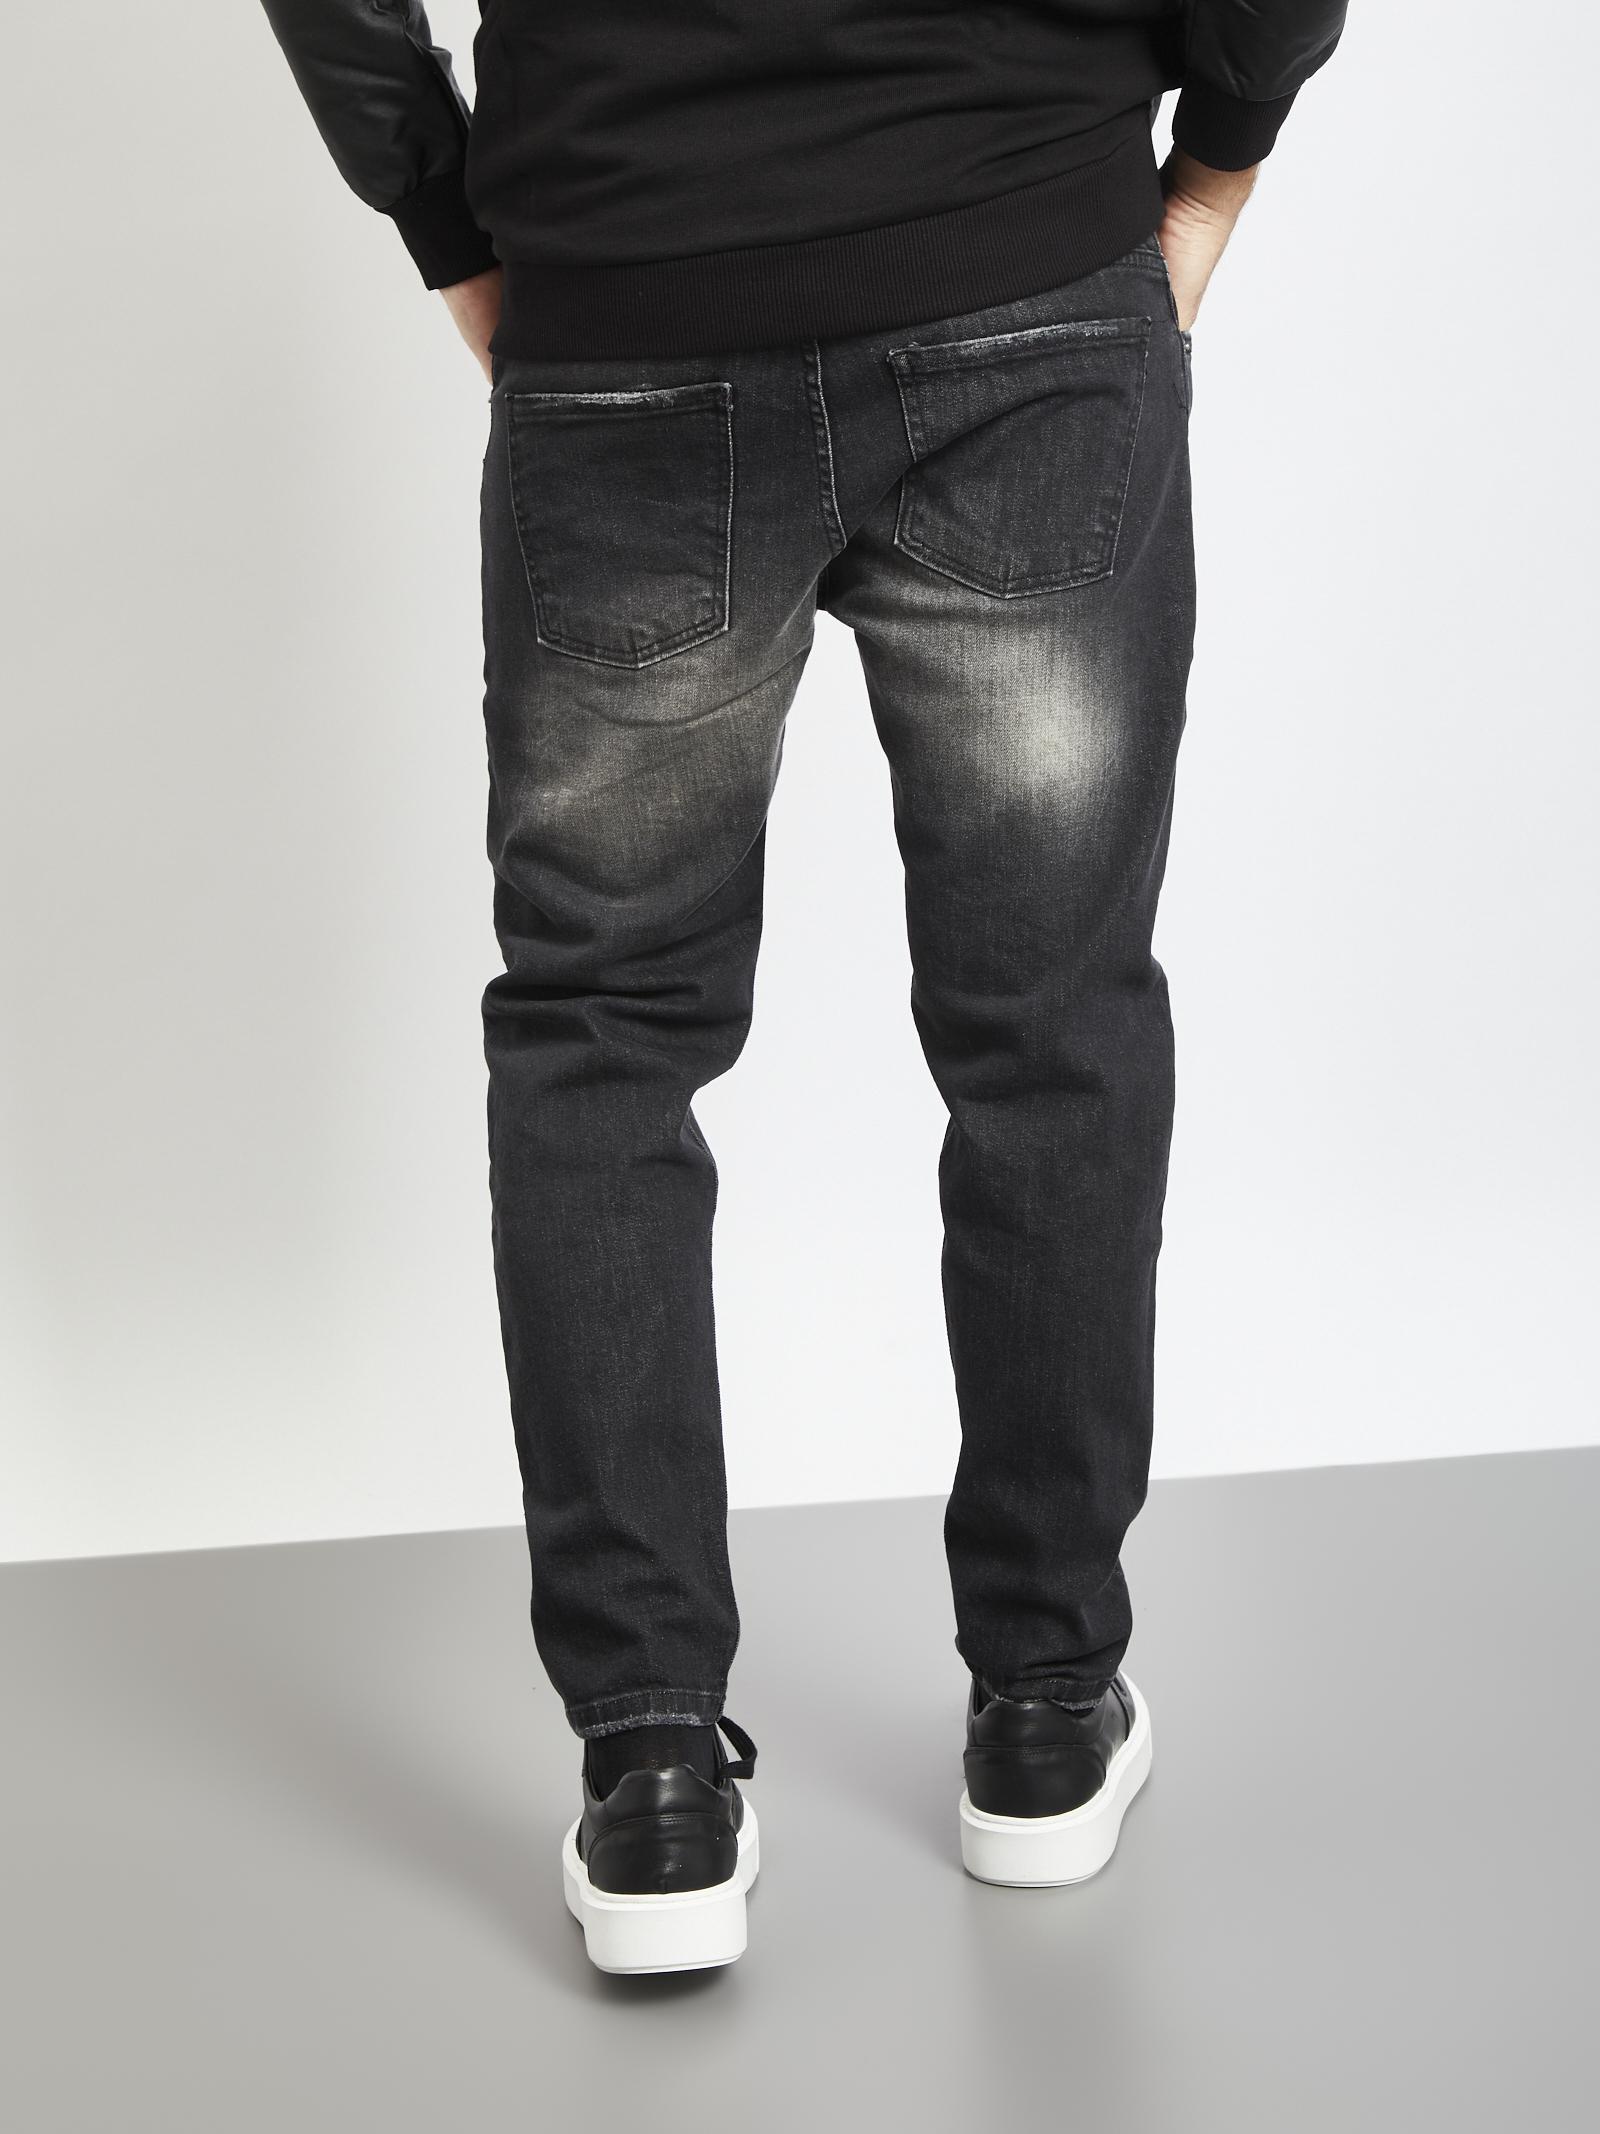 Jeans INSANITY | Jeans | BERLINNERO